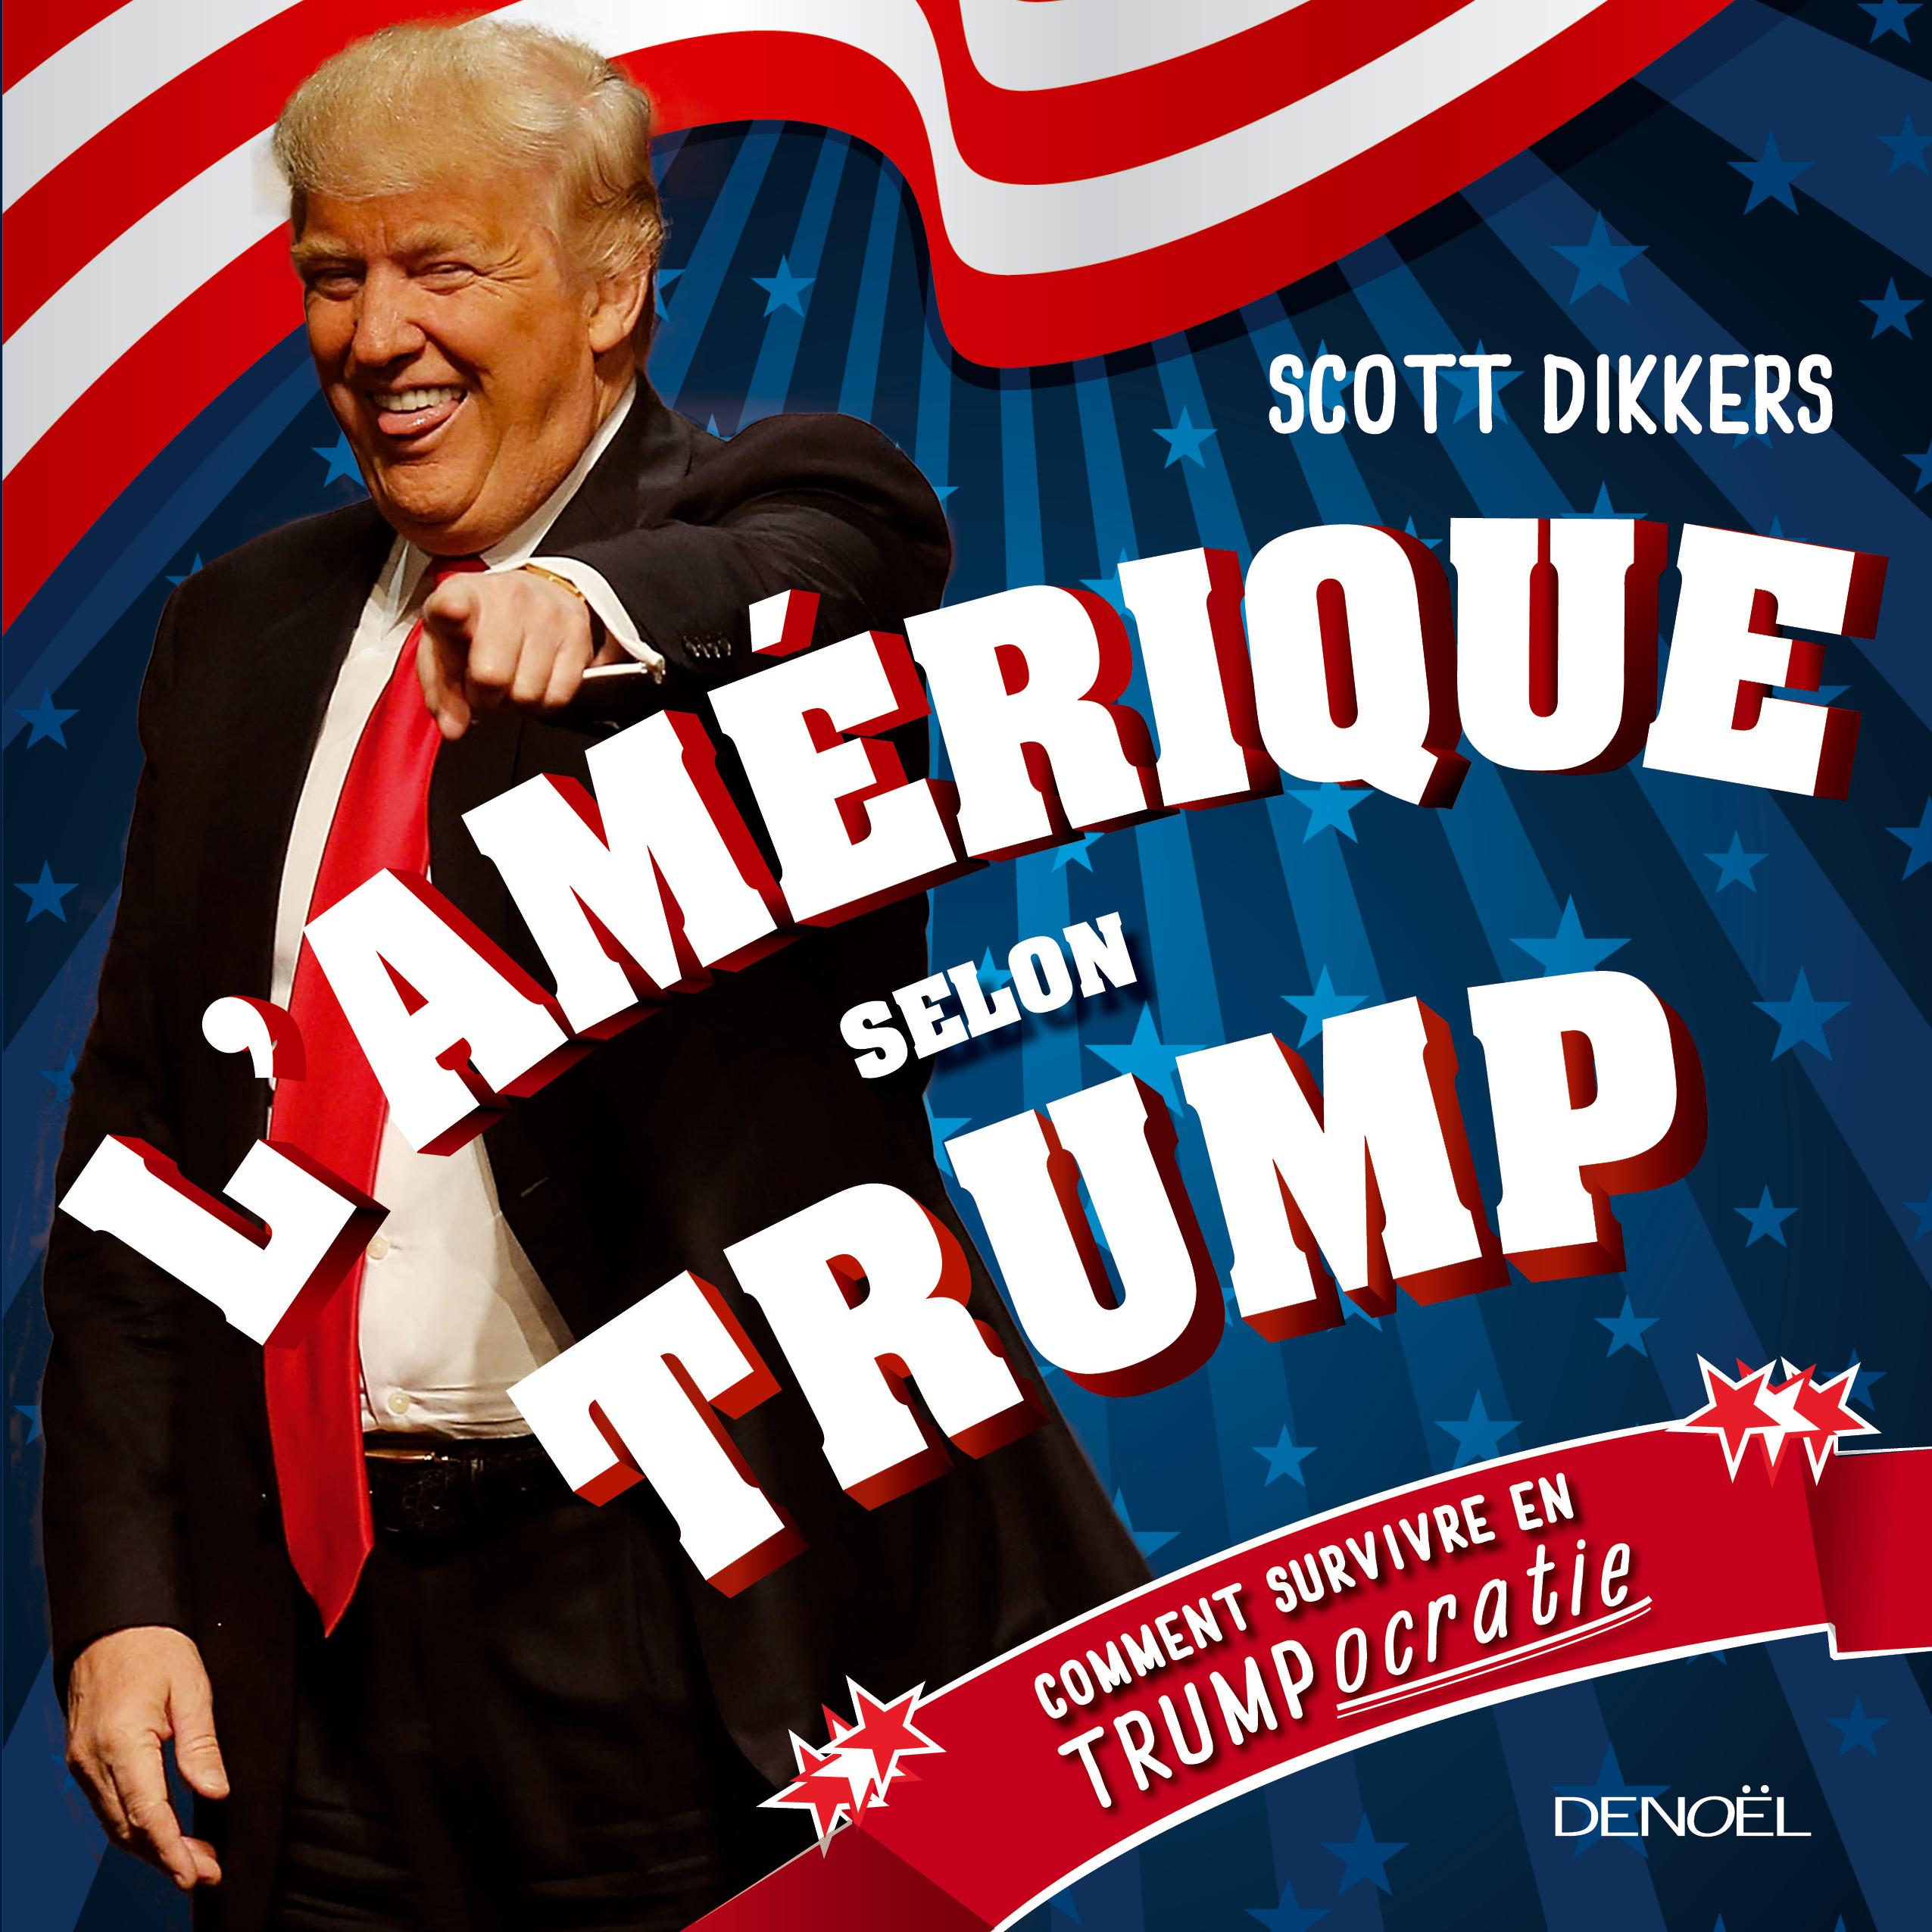 L'Amérique selon Trump. Comment survivre en trumpocratie